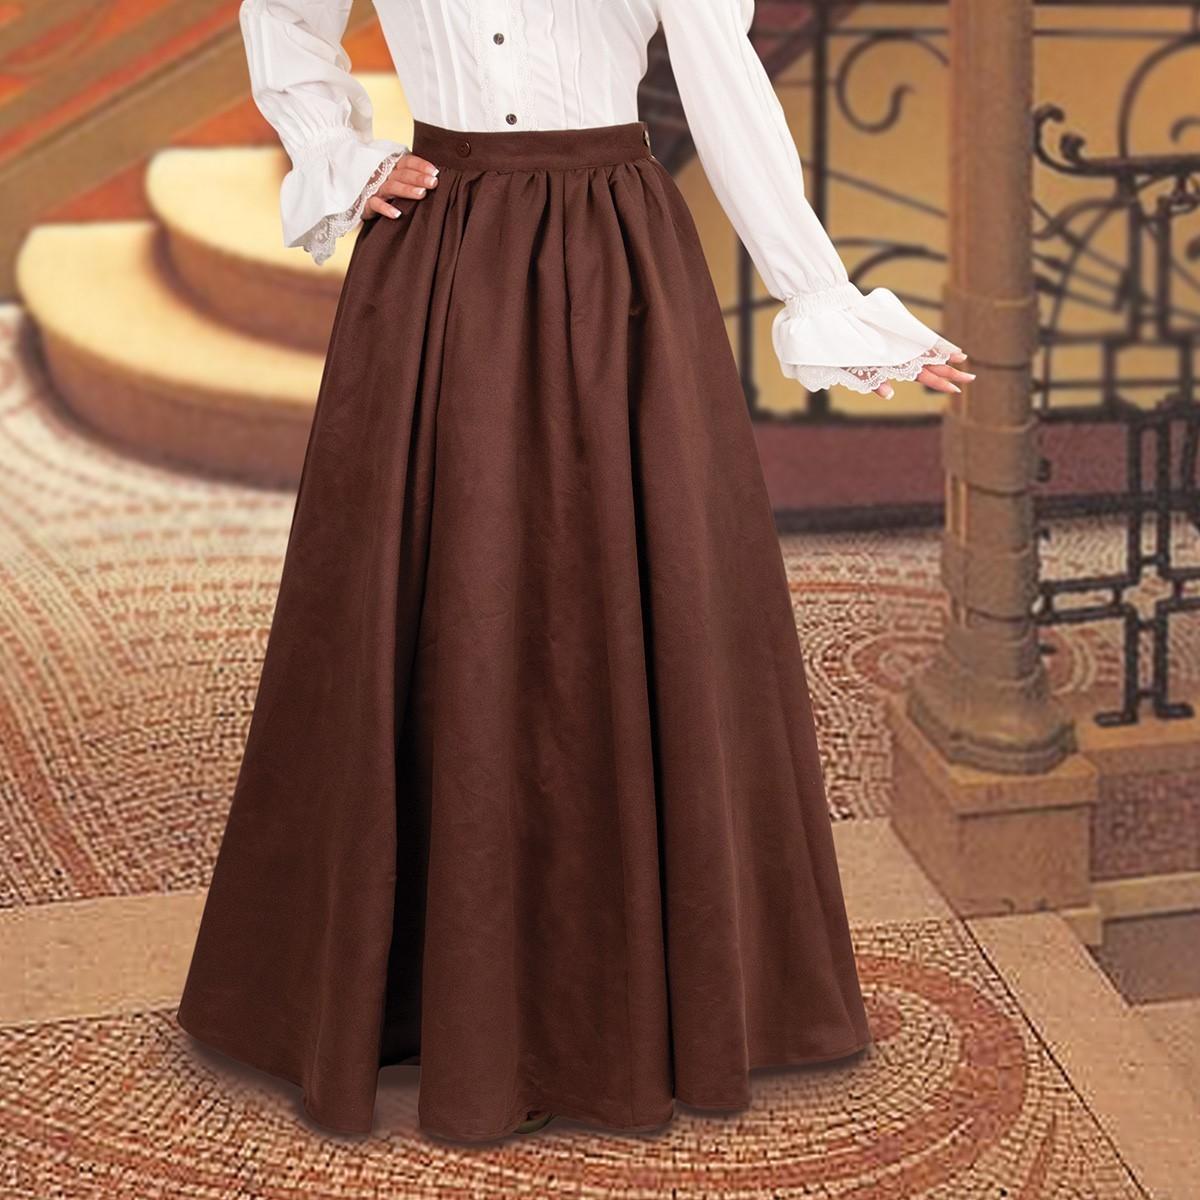 Chocolate Brown Skirt